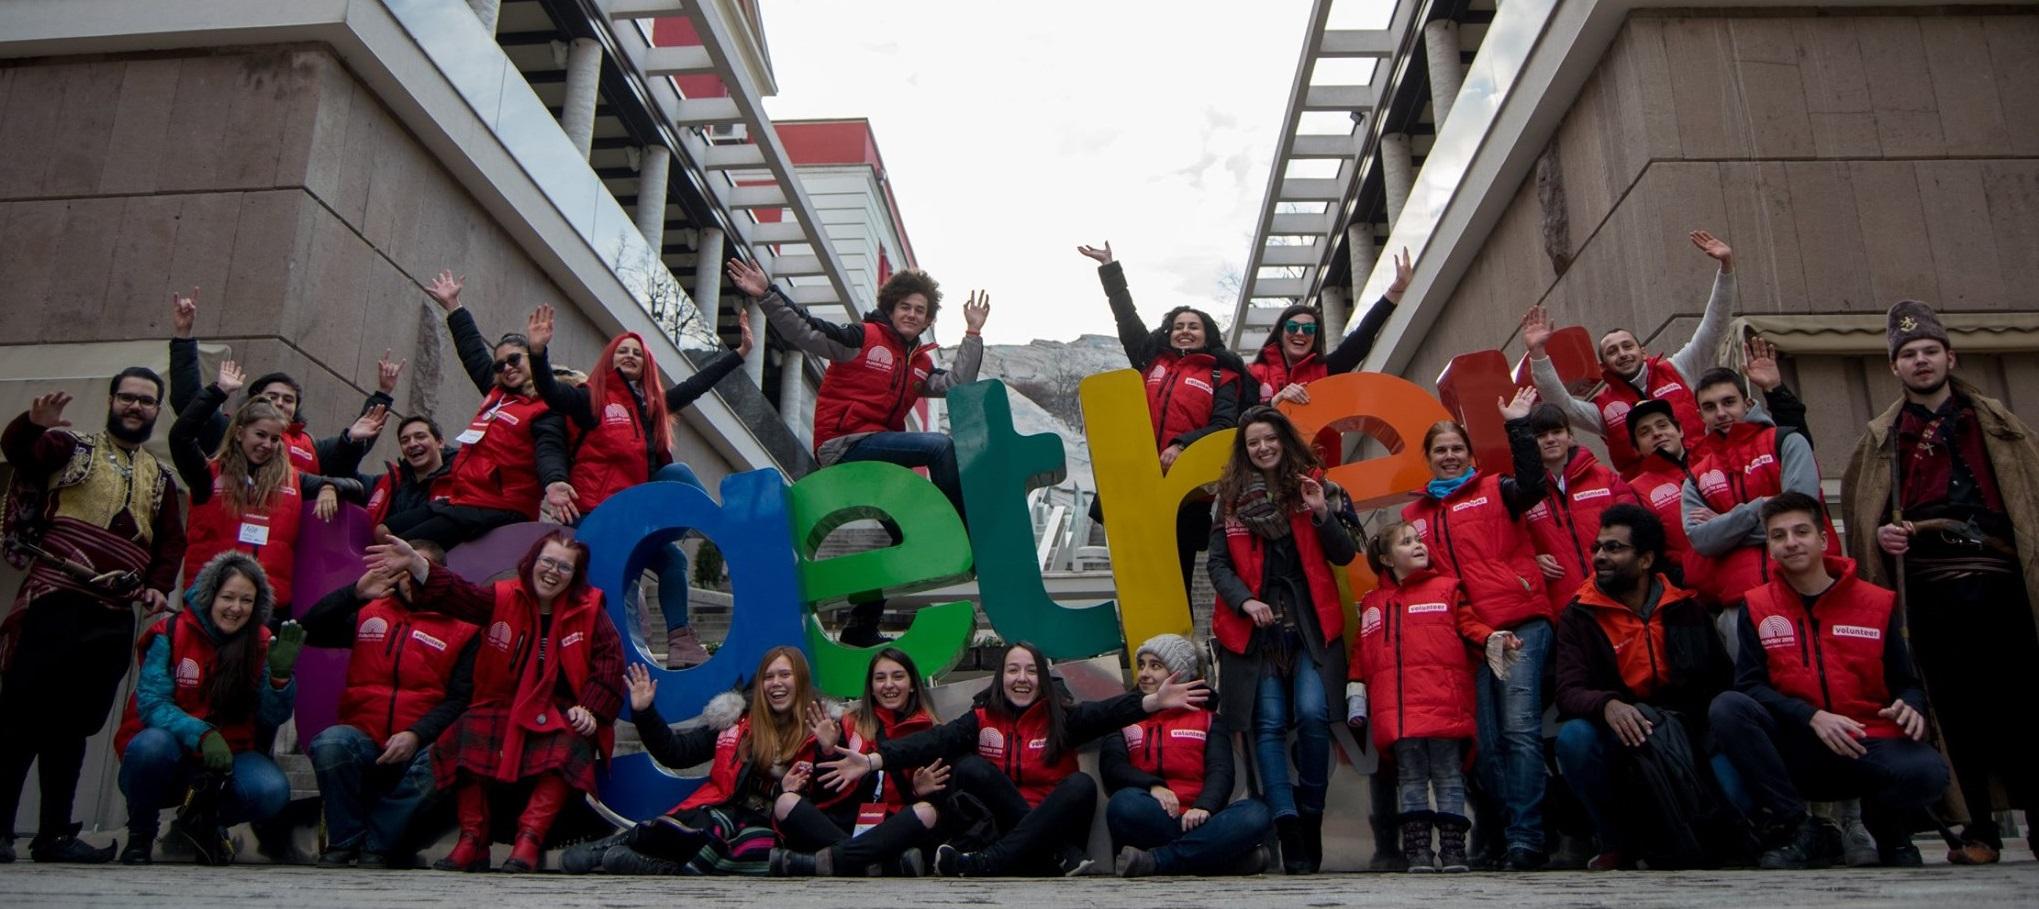 plovdiv 2019 volunteers